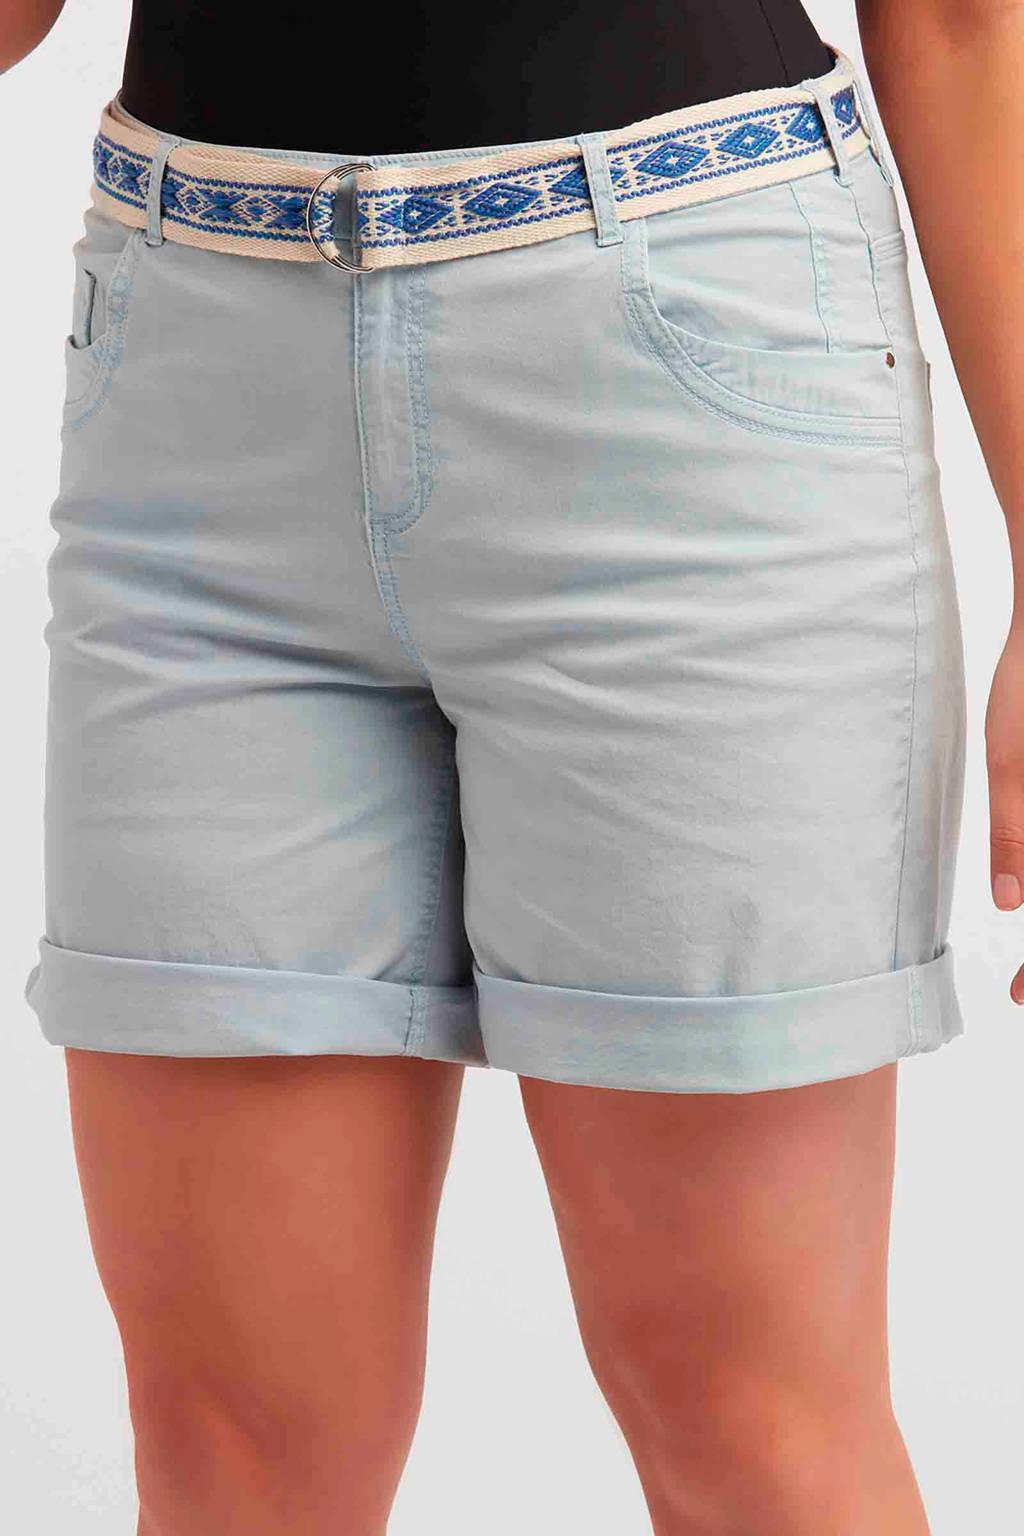 8e8a8c6324f MS Mode korte broek met ceintuur lichtblauw | wehkamp